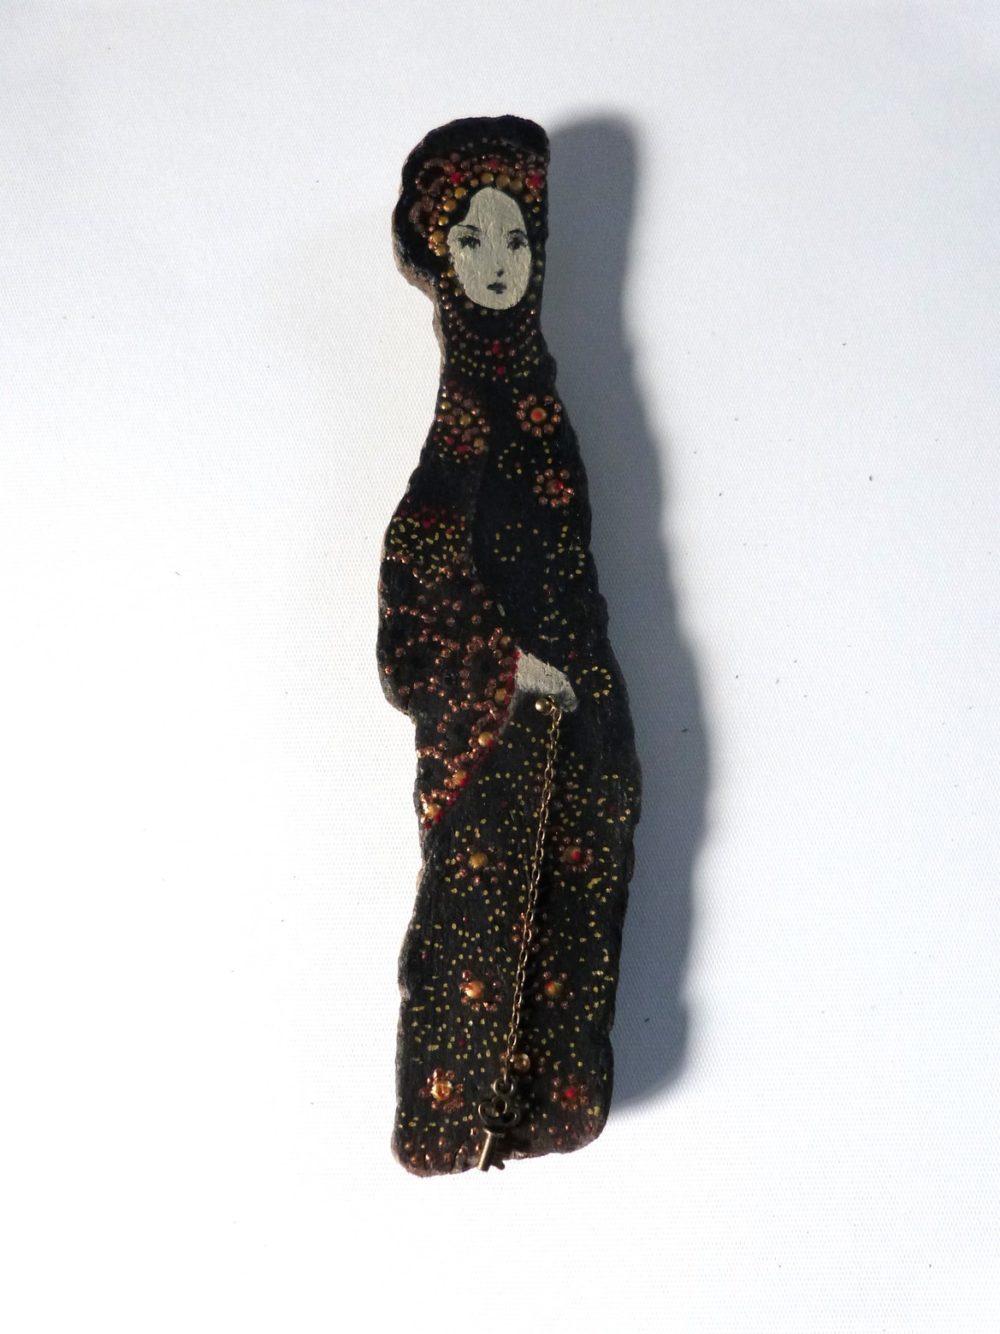 Personnage féminin poétique sur une écorce de bois flotté. Miléna.